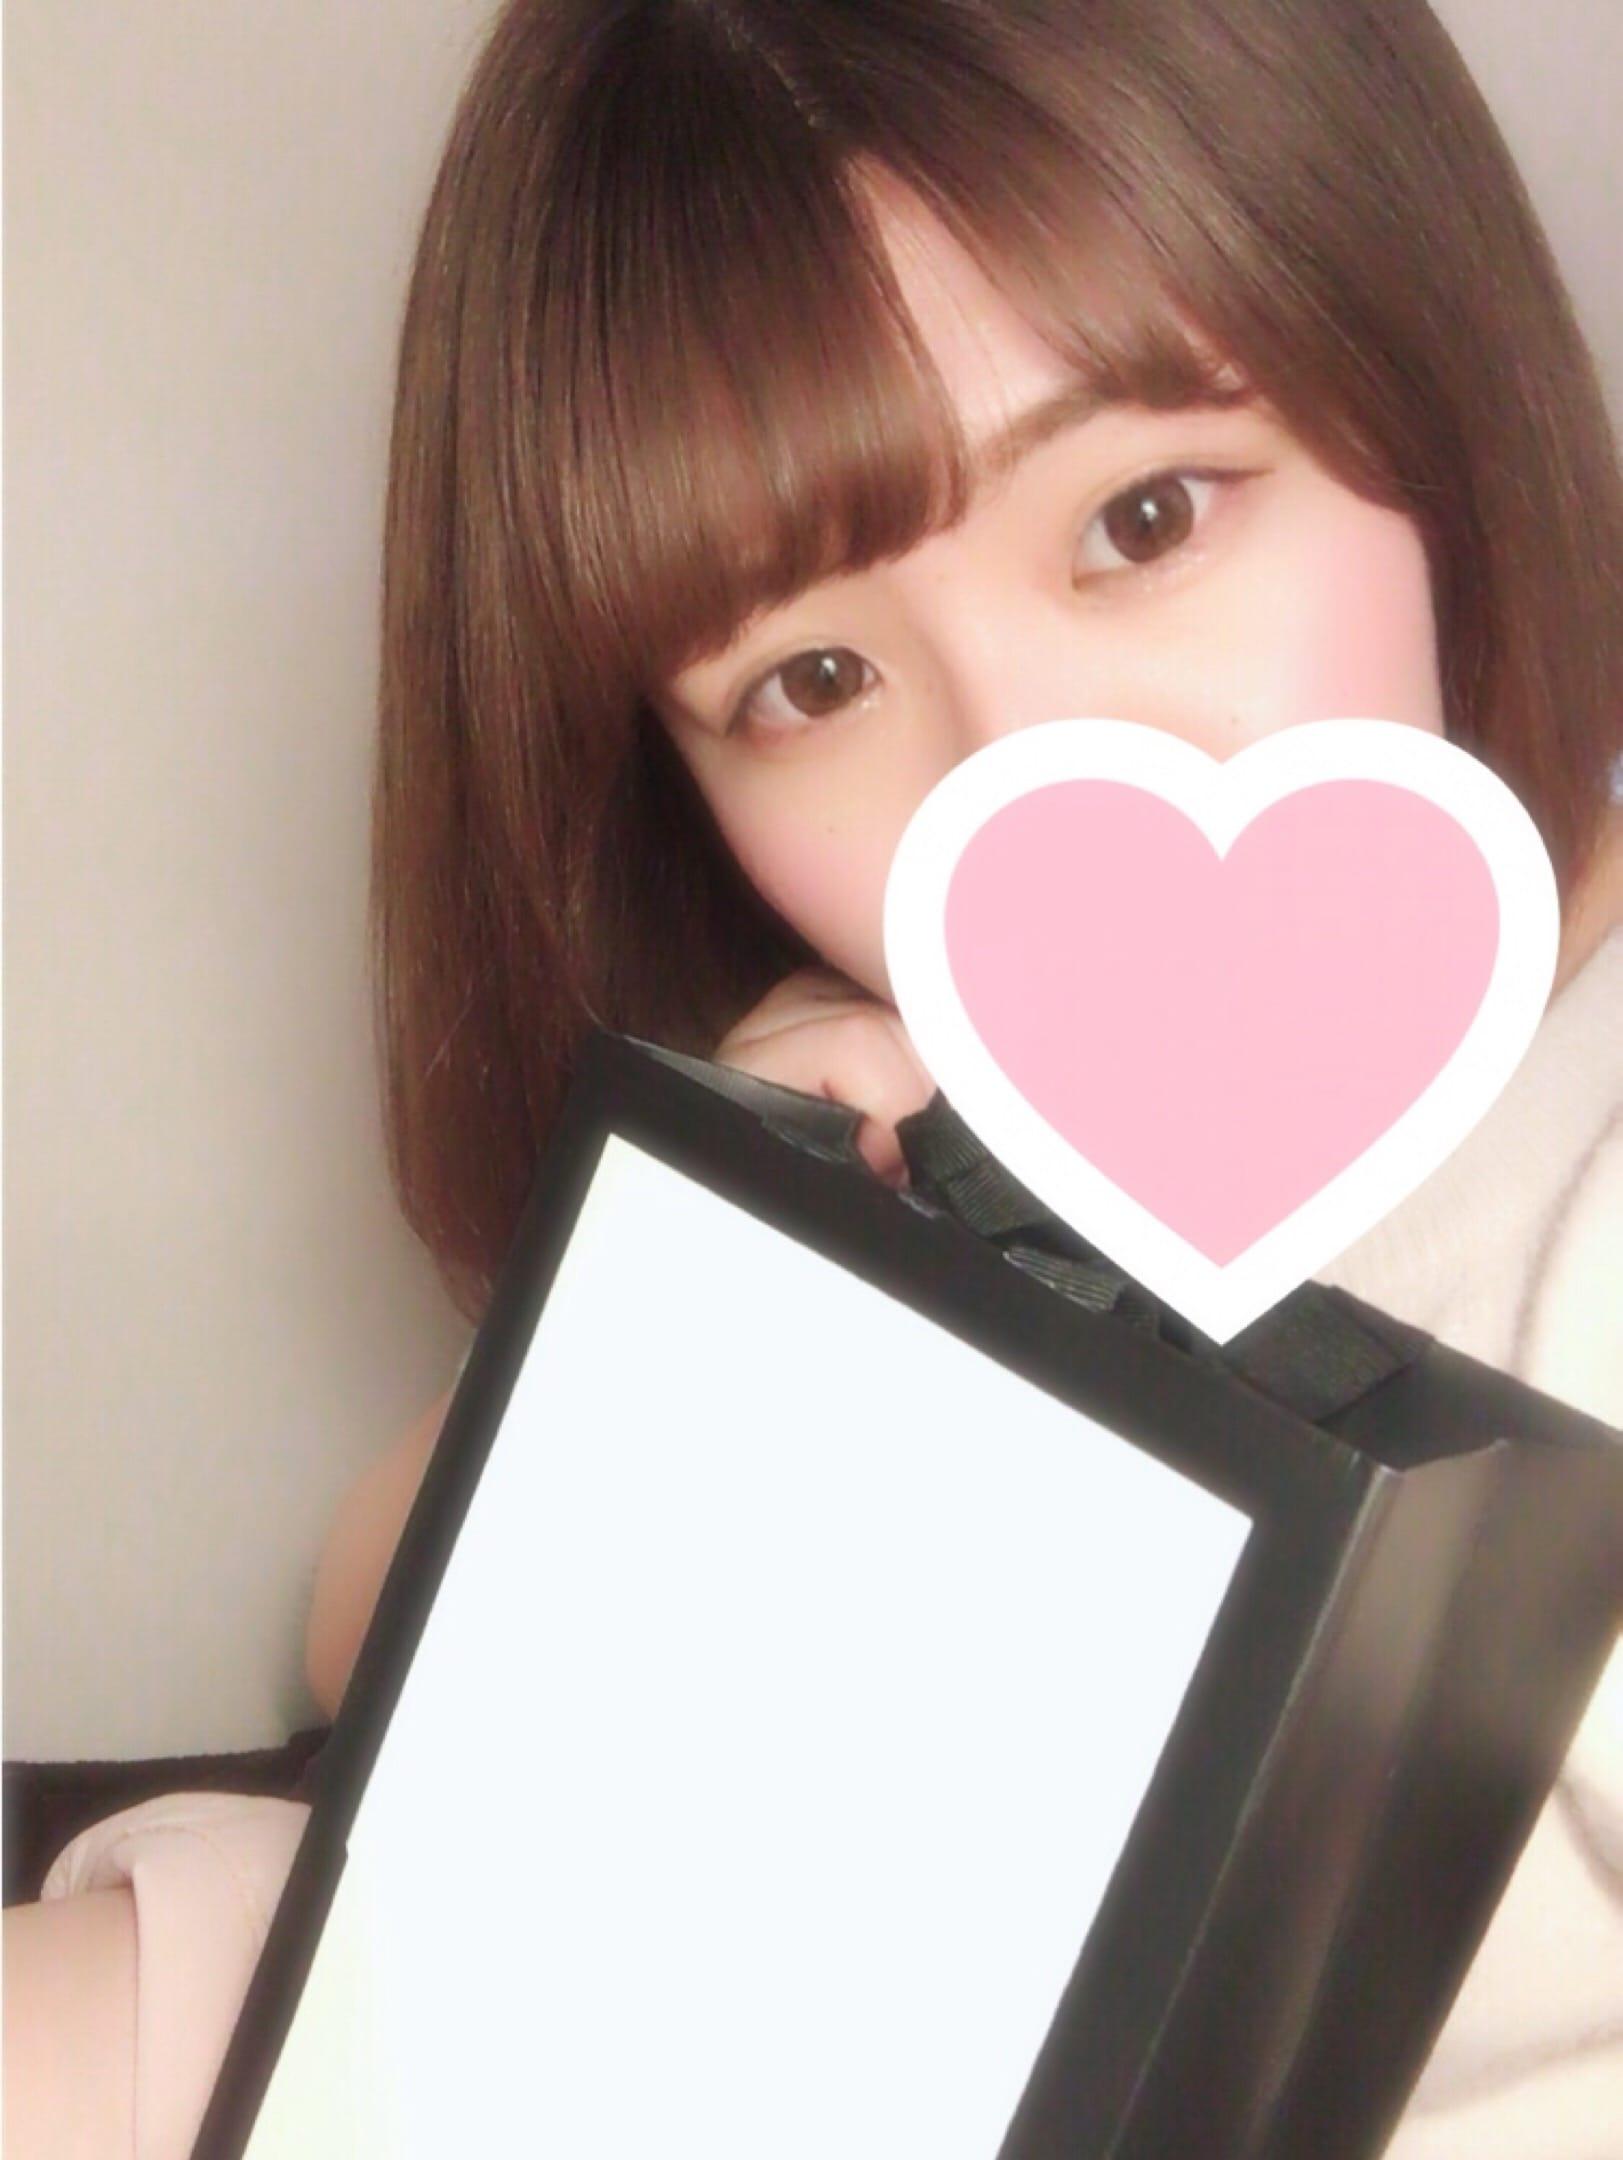 「みりあです」03/29(03/29) 19:03 | みりあちゃんの写メ・風俗動画